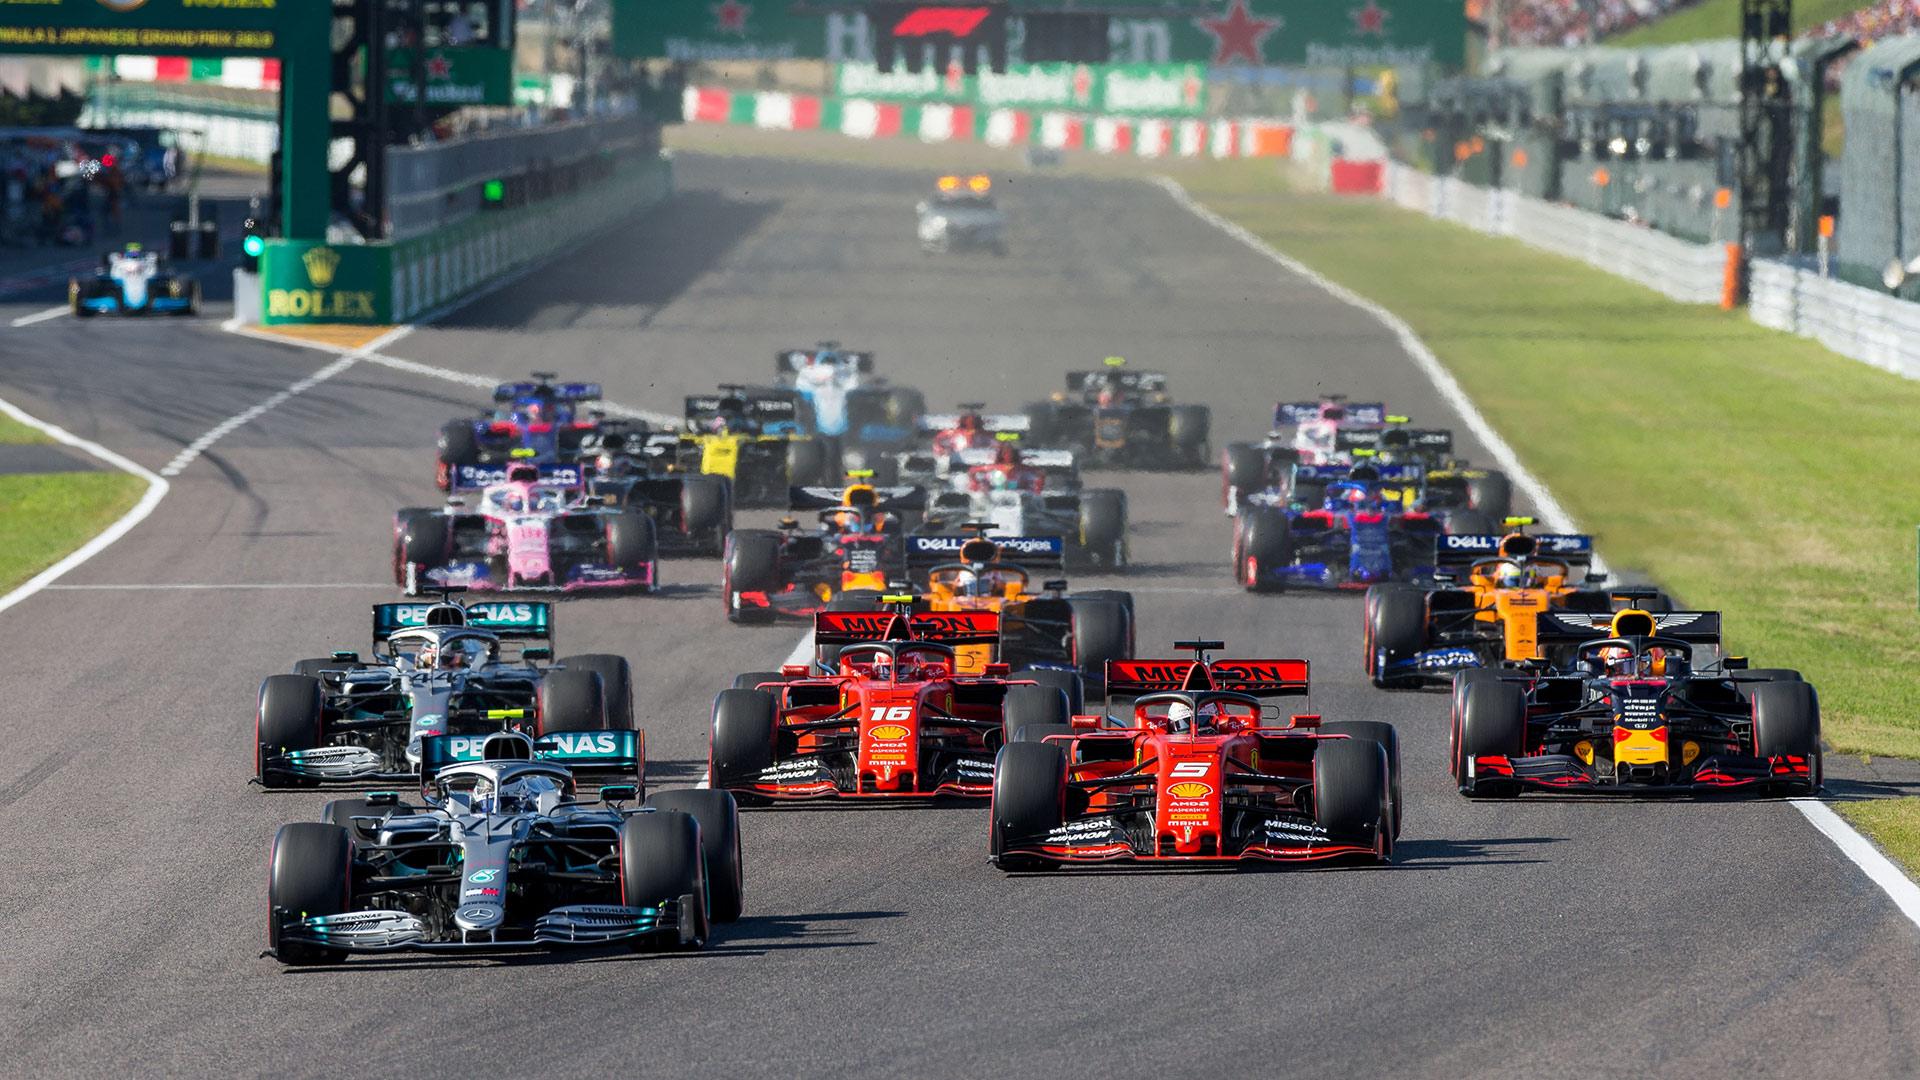 Formula 1 biletleri satışa çıkıyor! Formula 1 biletleri ne kadar?